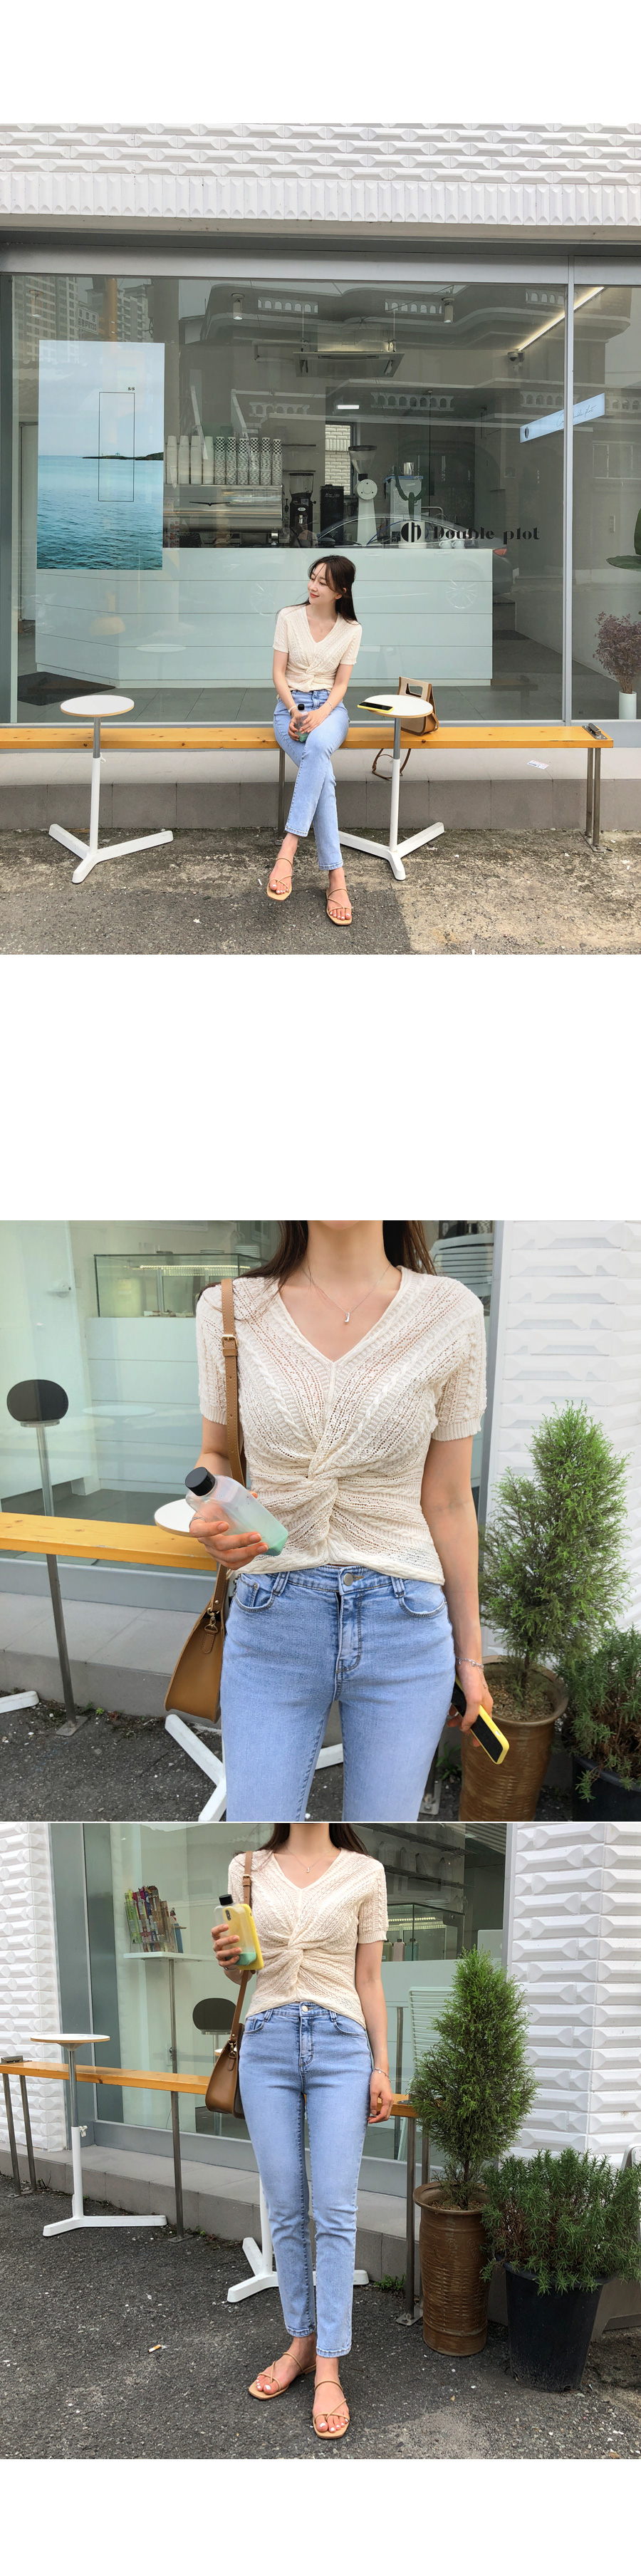 Linen knit